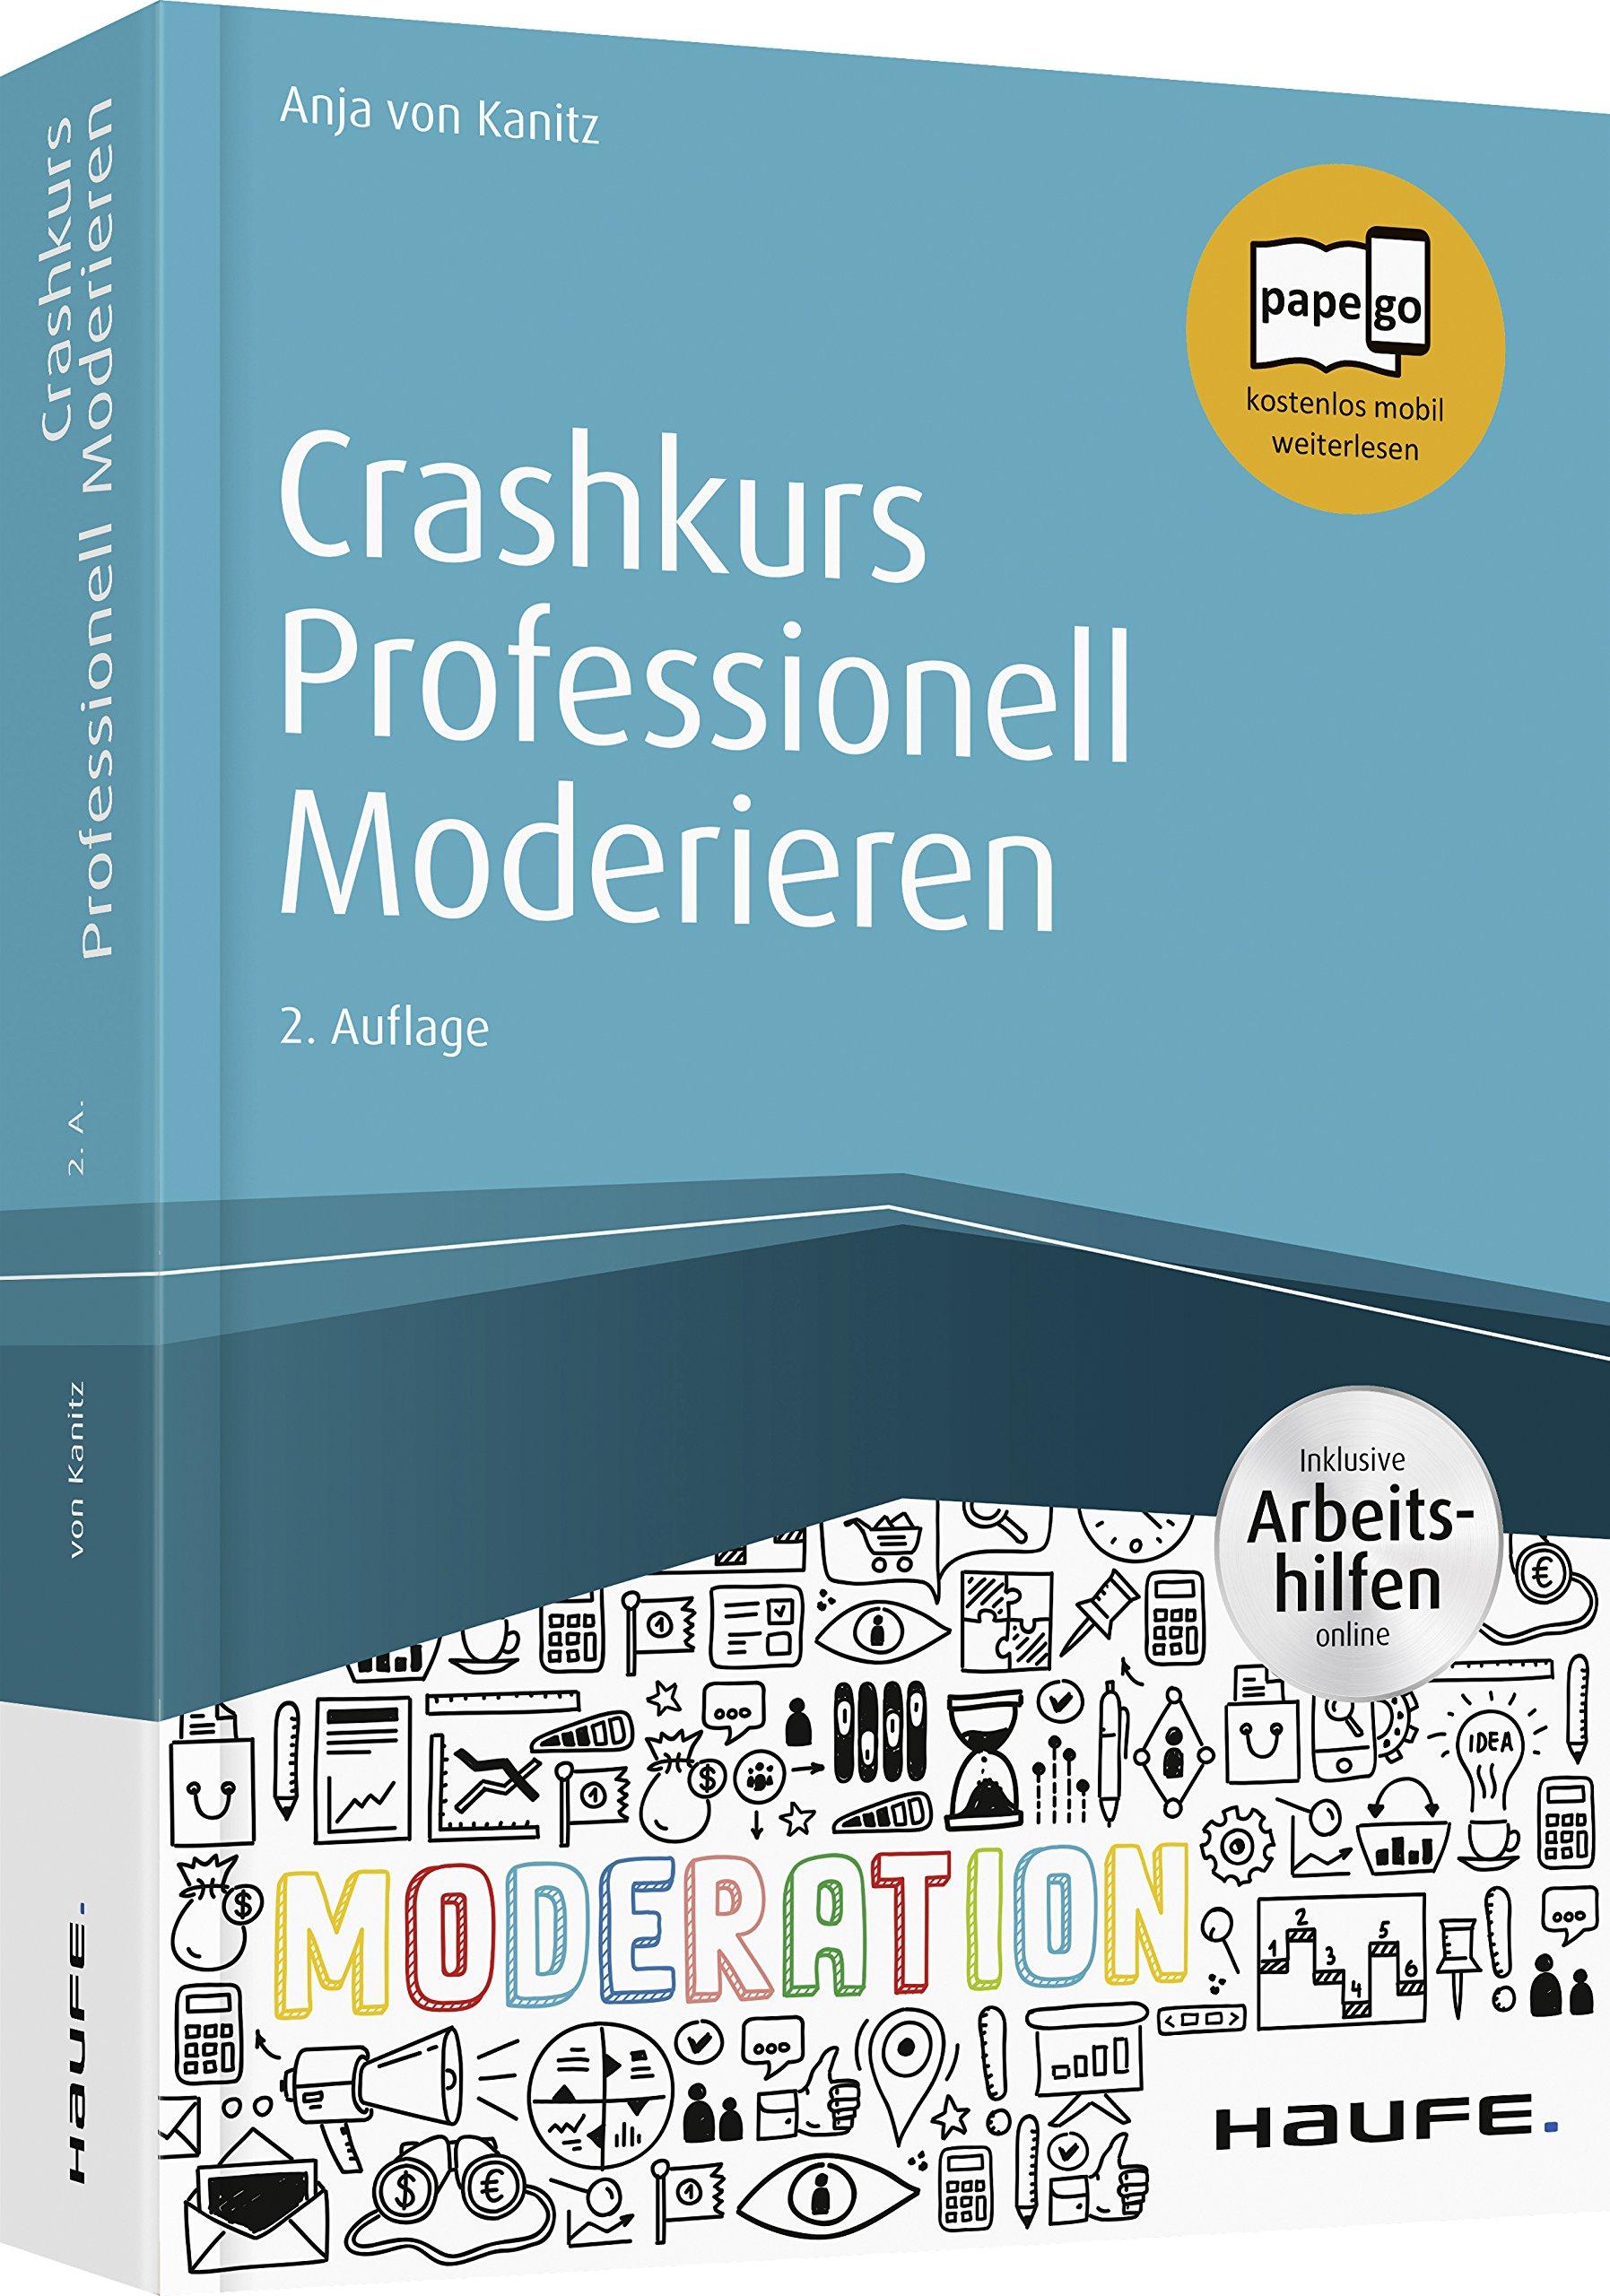 Crashkurs Professionell Moderieren - inkl. Arbeitshilfen online (Haufe Fachbuch) Taschenbuch – 2. Oktober 2018 Anja von Kanitz 3648116975 Wirtschaft / Management Beruf / Karriere